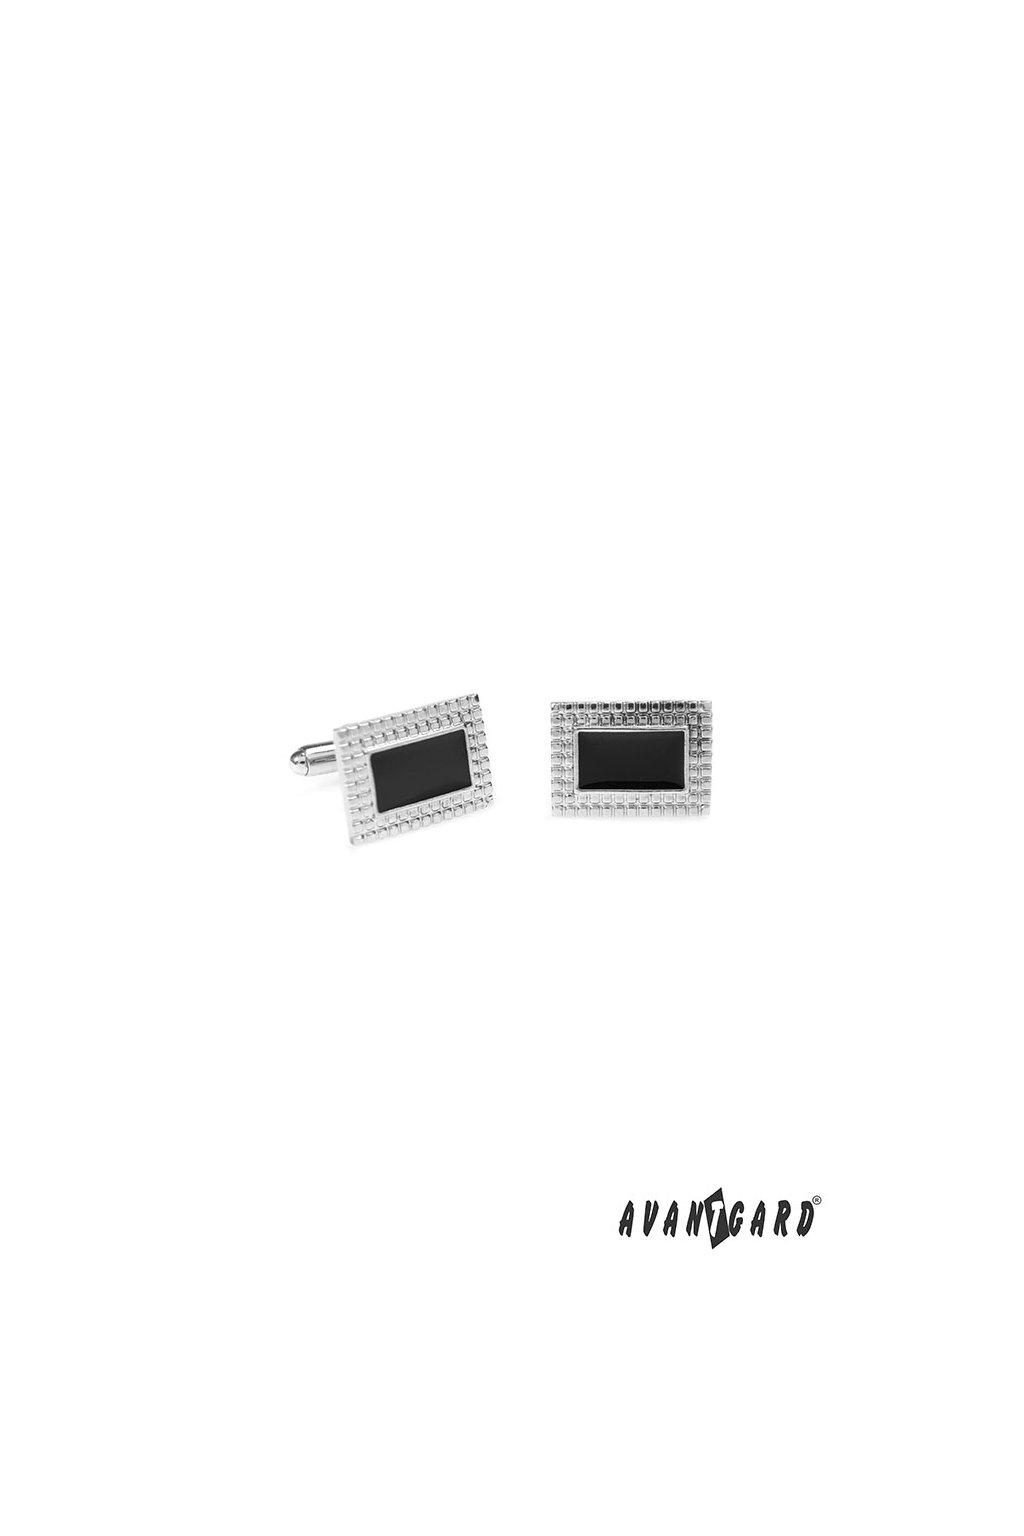 Manžetové knoflíčky PREMIUM, 573-20778, Stříbrná lesk/černá